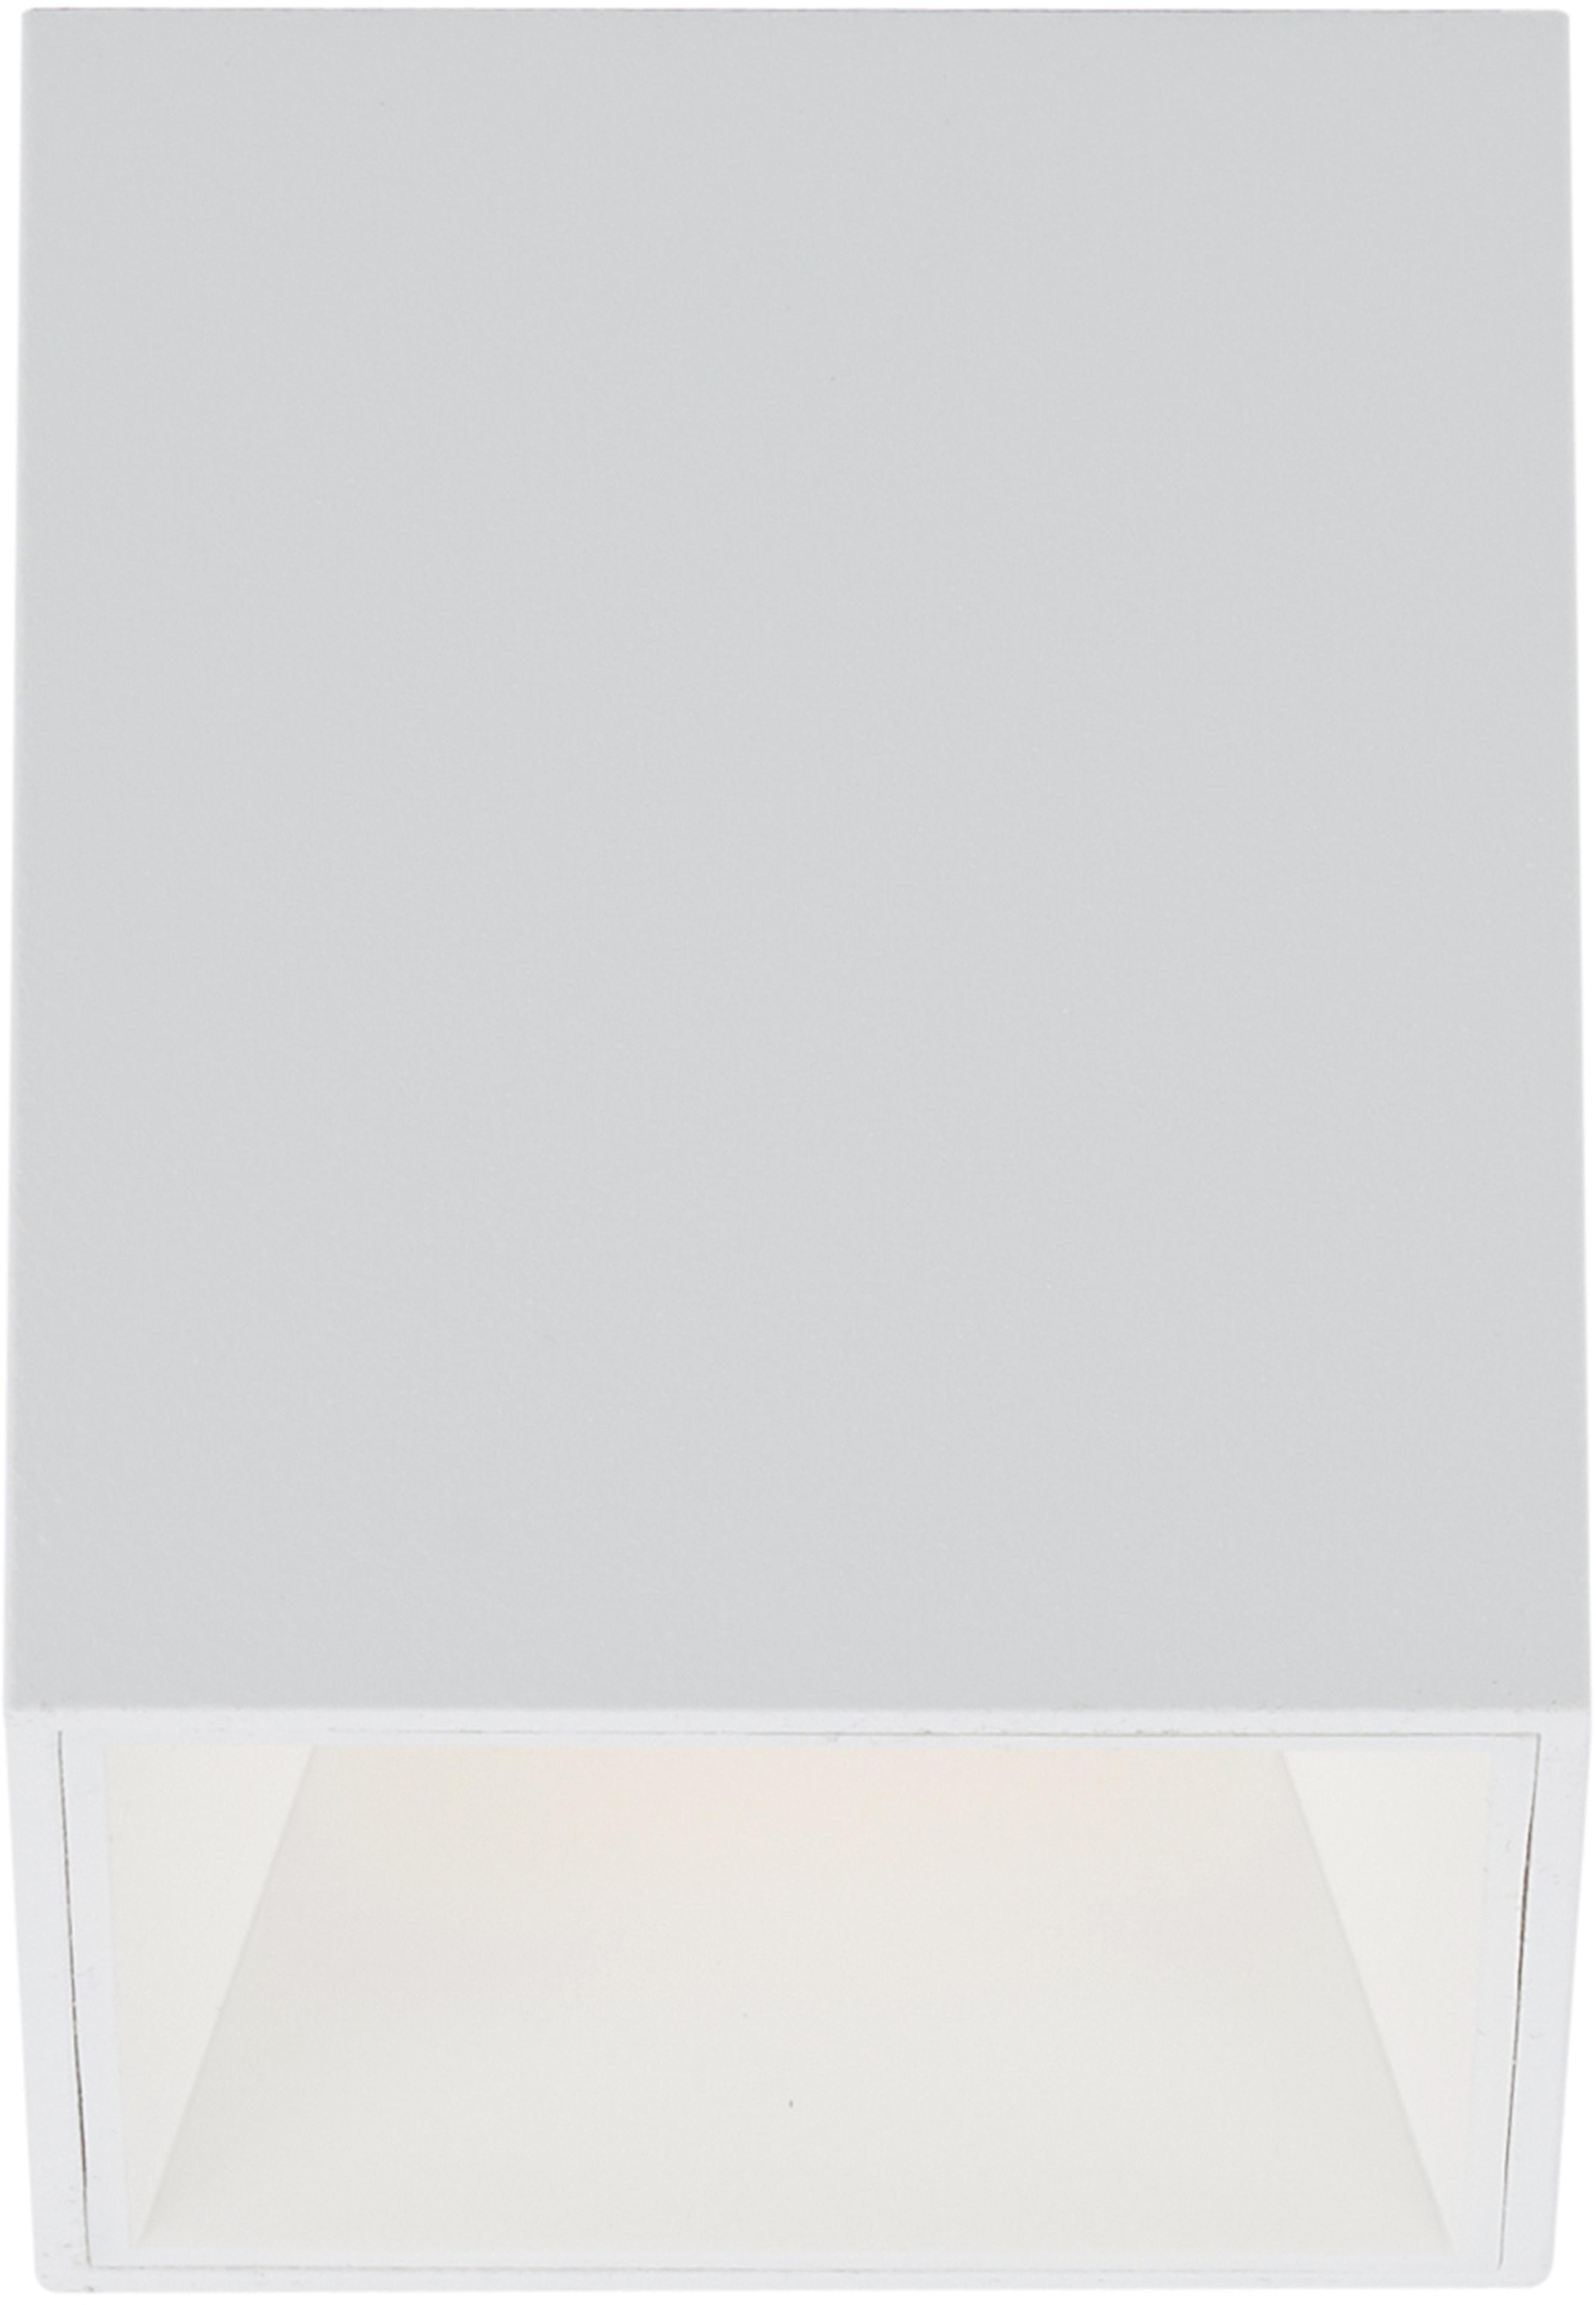 Faretto da soffitto a LED Marty, Metallo verniciato a polvere, Bianco opaco, Larg. 10 x Alt. 12 cm